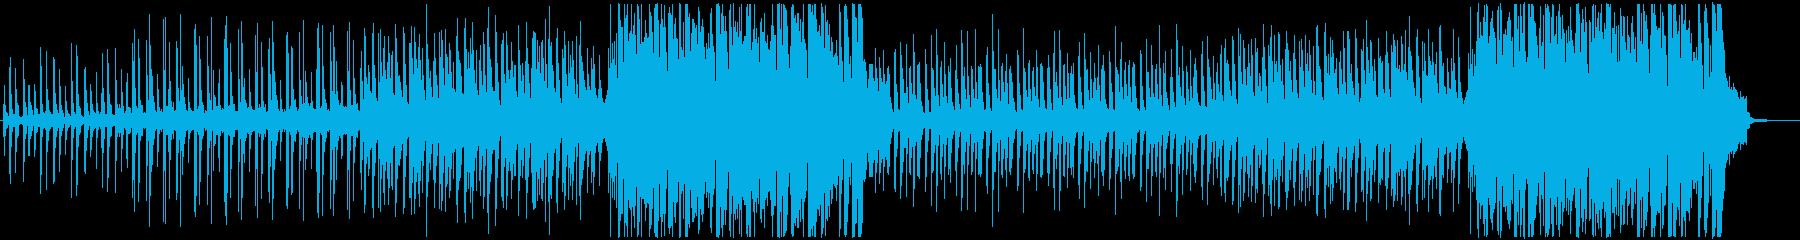 軽やかなトロピカルハウスの再生済みの波形